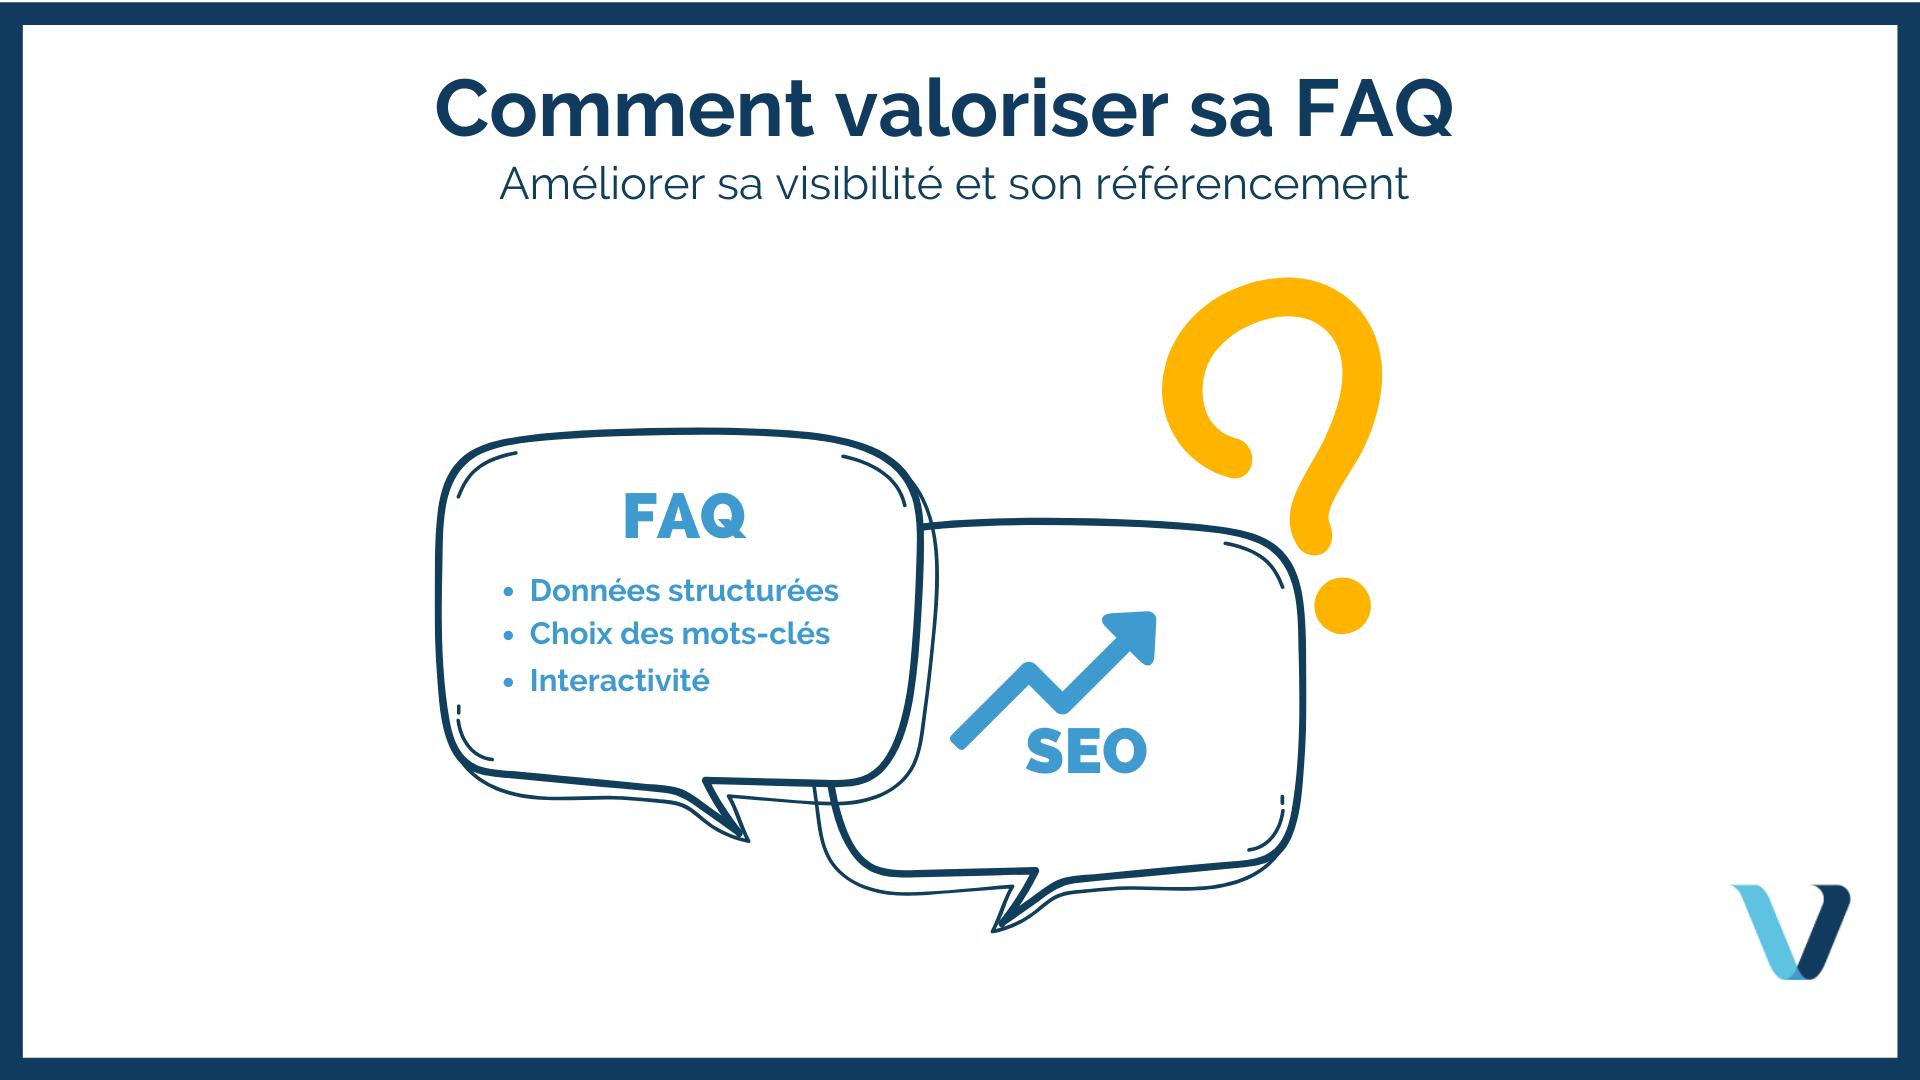 Comment valoriser une FAQ sur Google pour le SEO ?